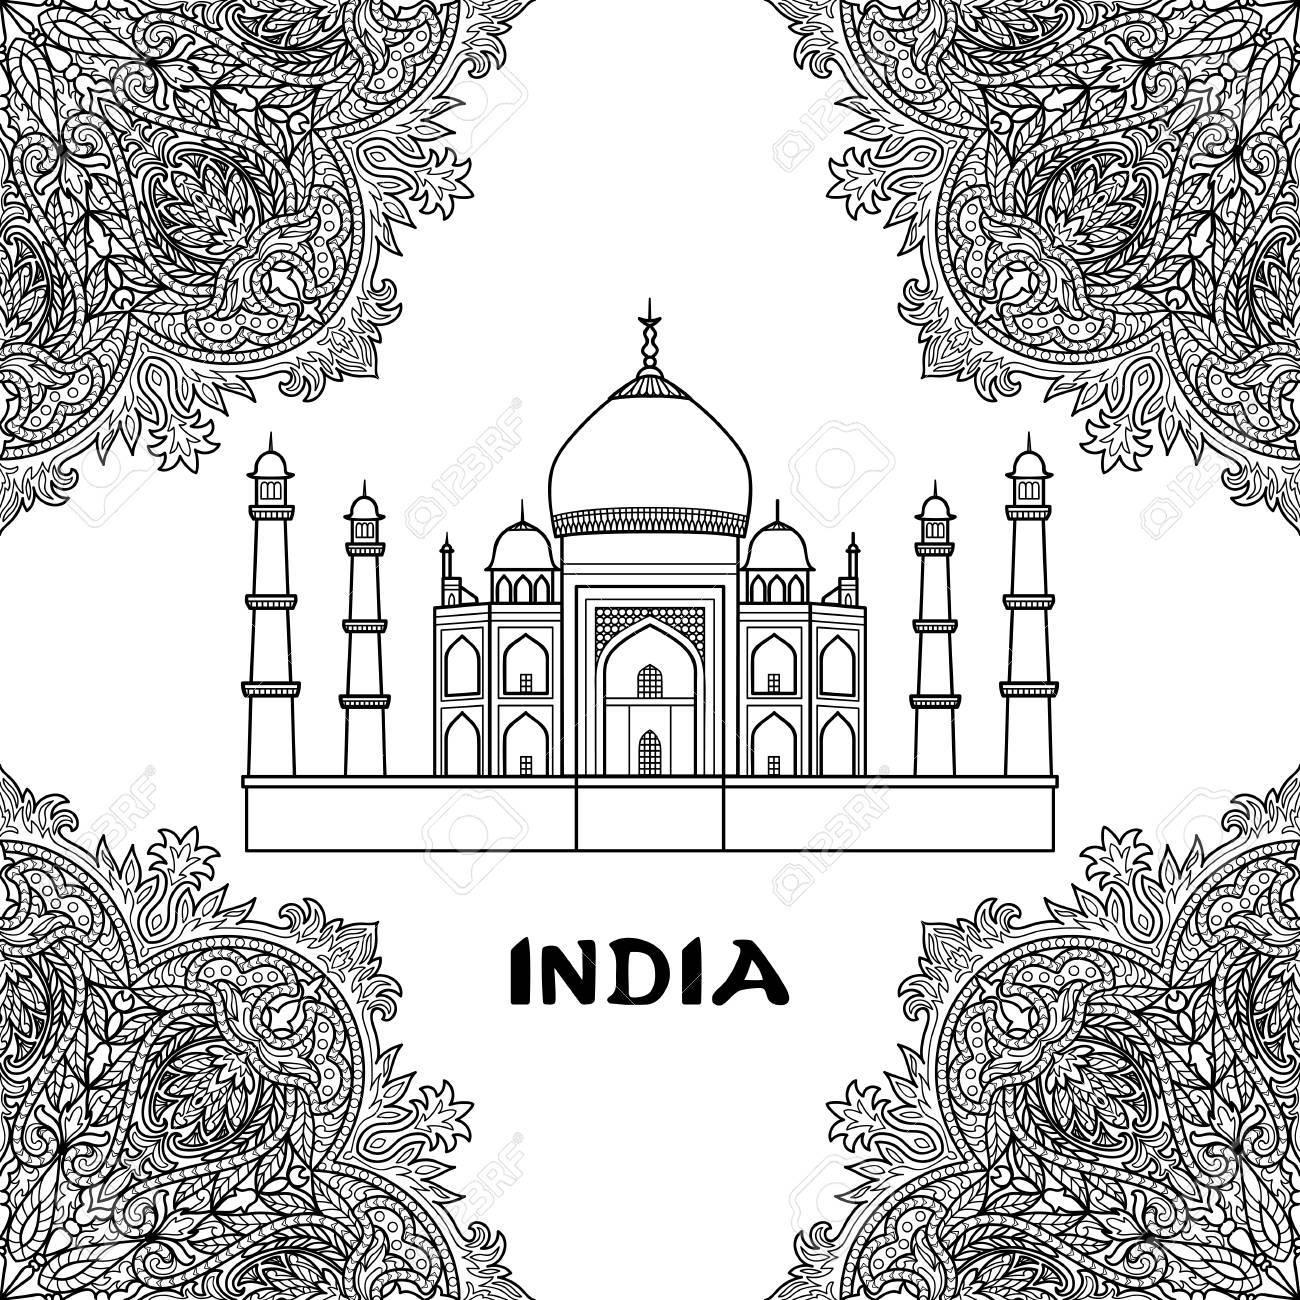 Modele De L Inde Avec Le Taj Mahal Sur Le Cadre De Mandala Floral Coloriage Noir Et Blanc Clip Art Libres De Droits Vecteurs Et Illustration Image 65355136